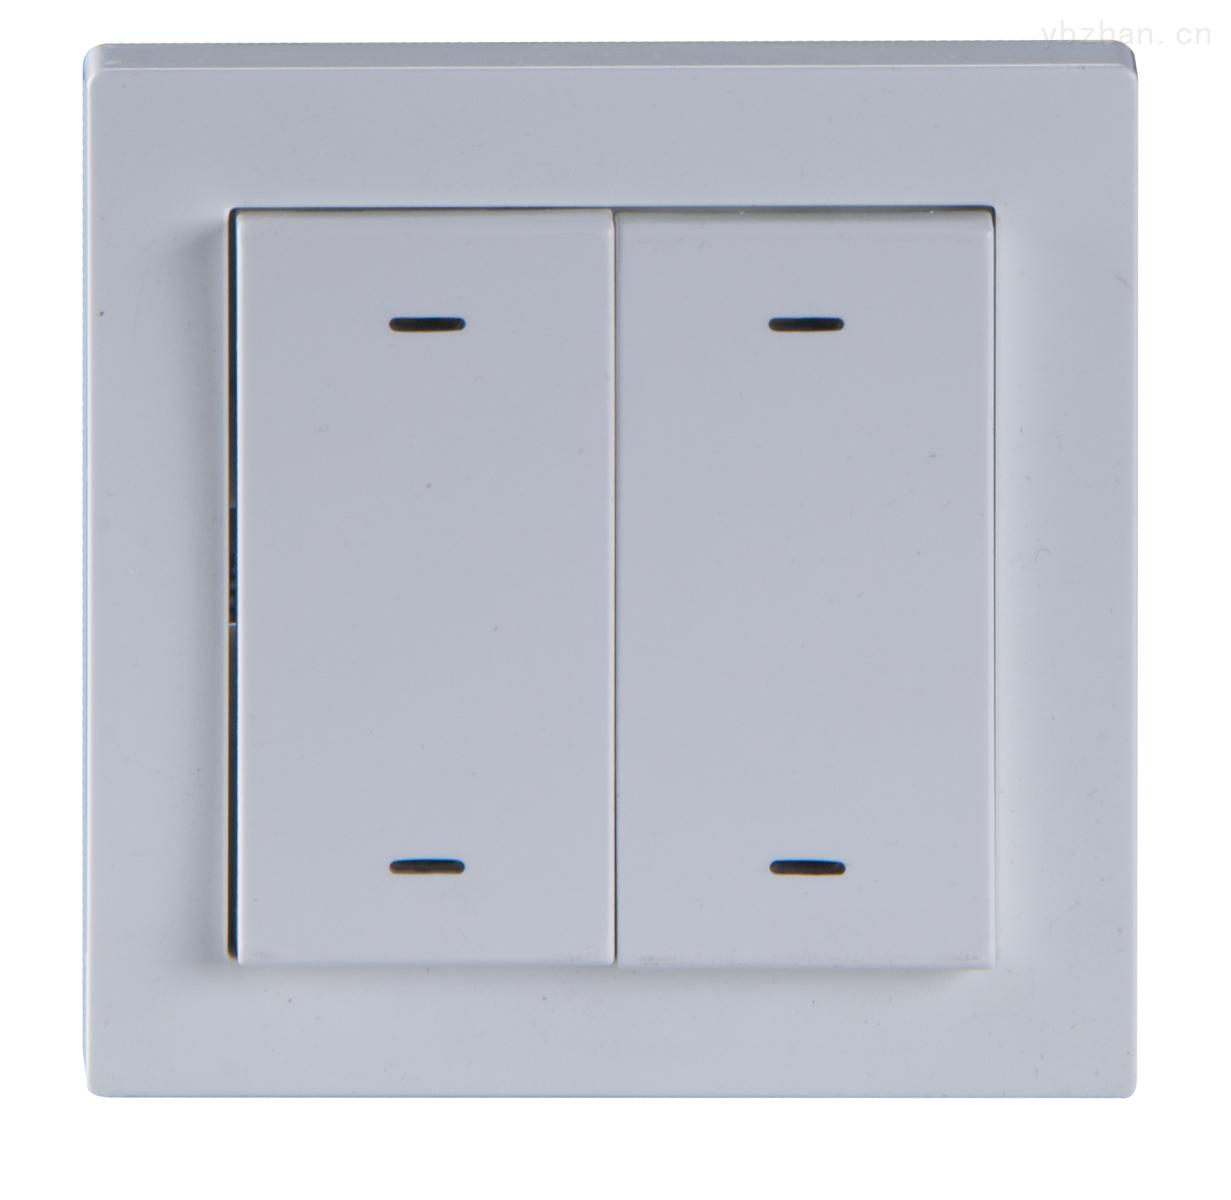 两联四键智能照明面板 开关调光窗帘控制